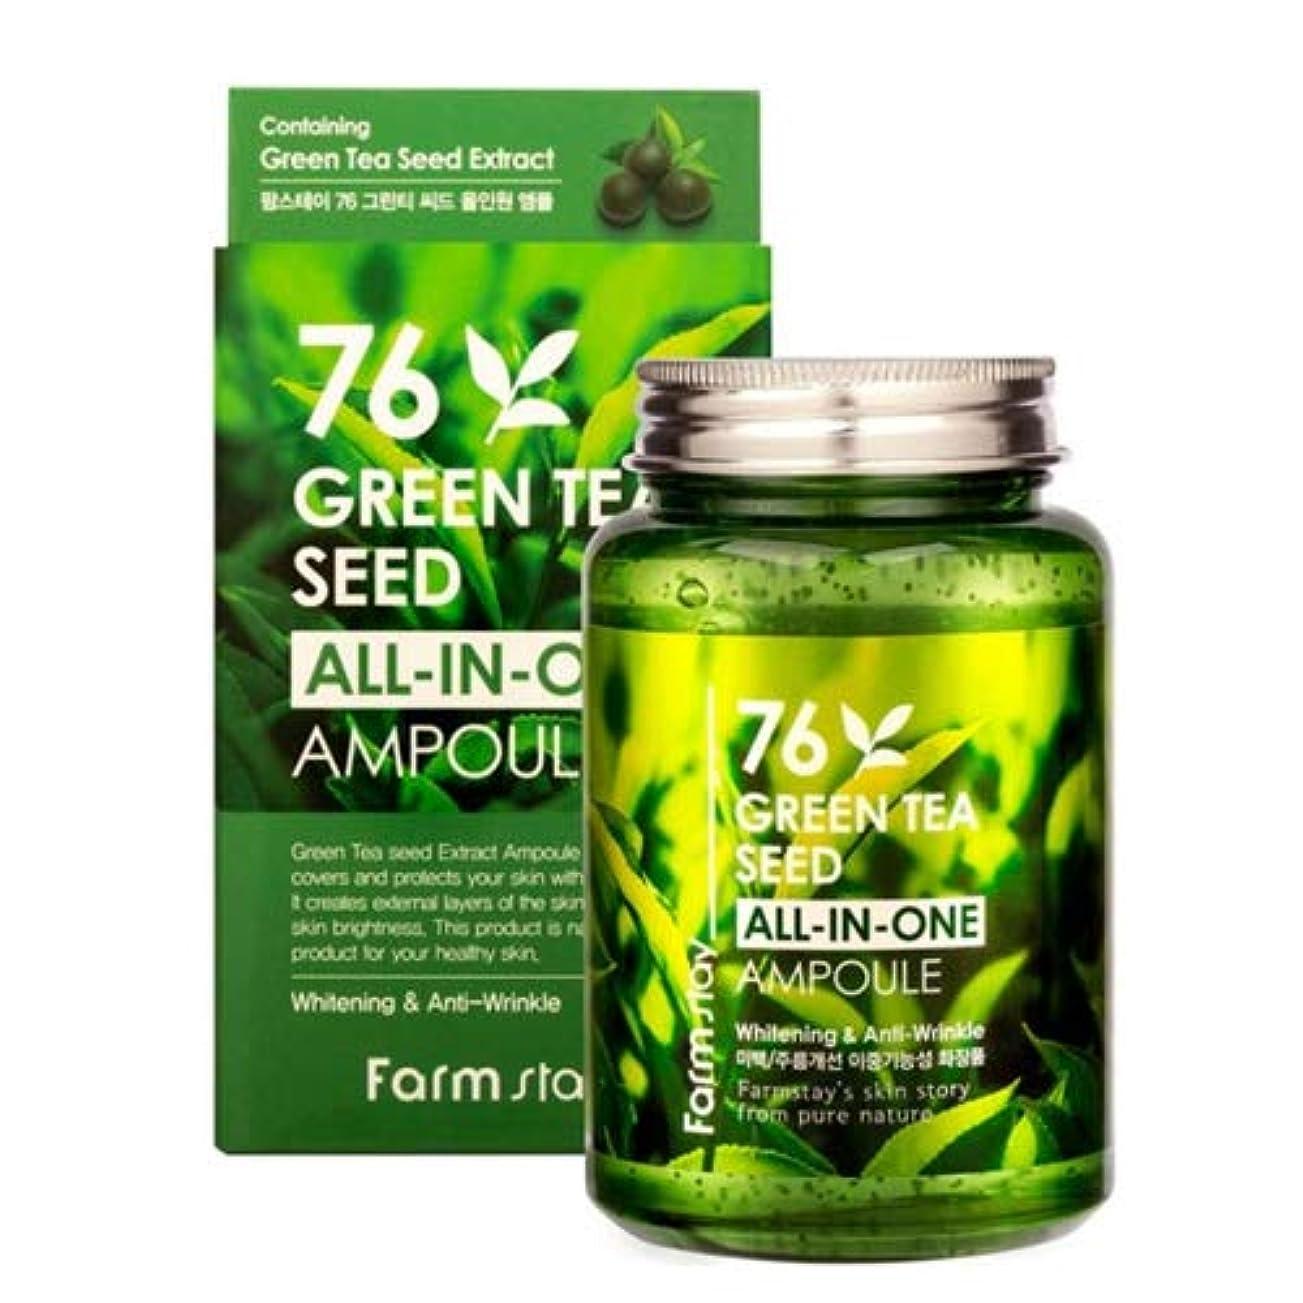 ポテト硬化する急いでFarm stay 76 Green Tea All In One Ampoule 76緑茶オールインワンアンプル250ml[並行輸入品]